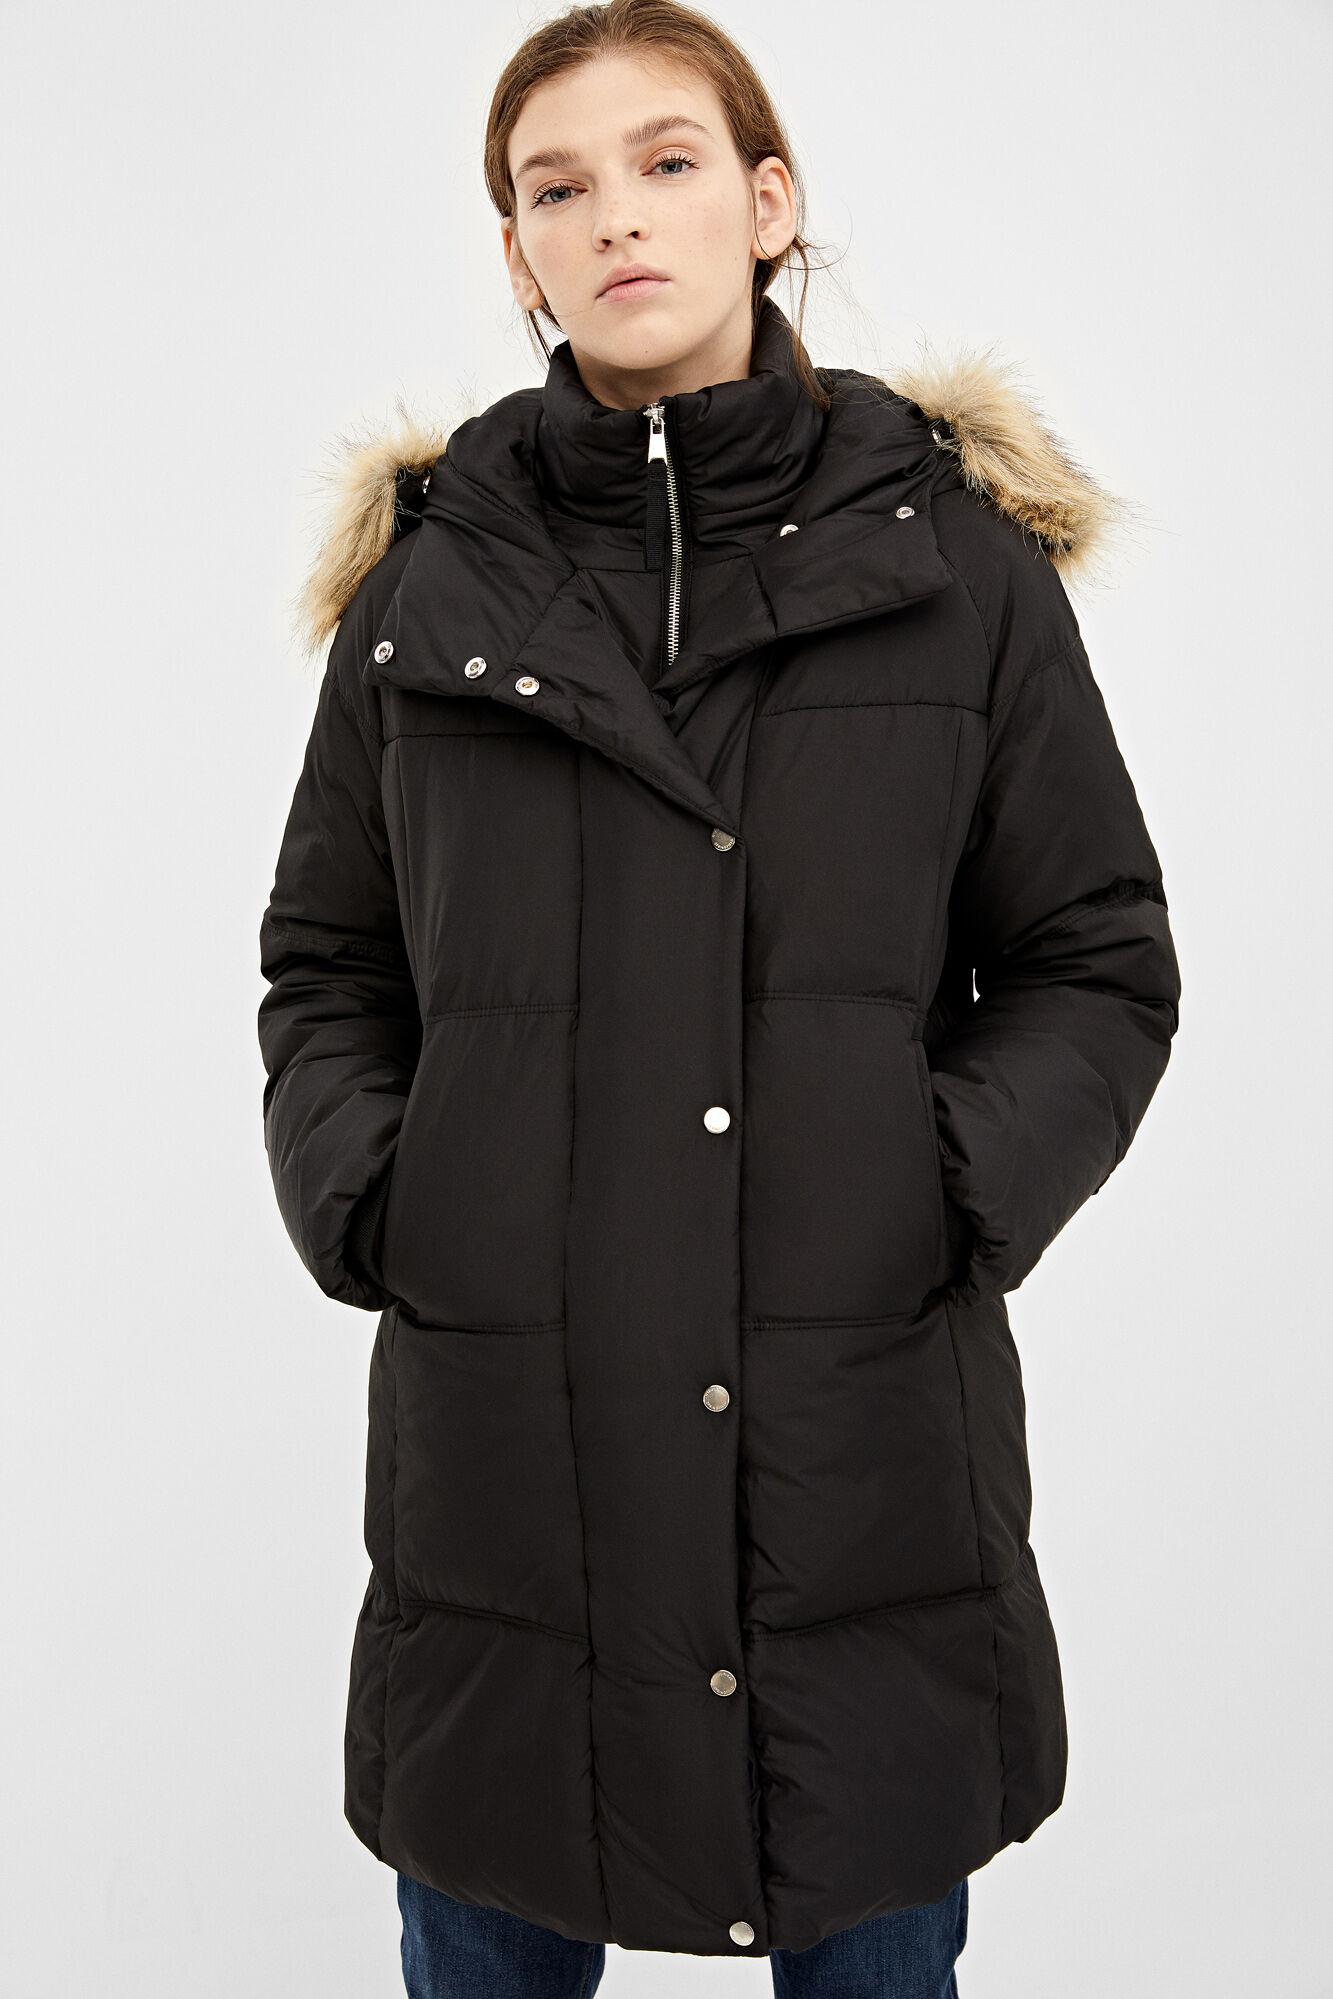 Abrigo plumífero capucha pelo | Chaquetas | Springfield